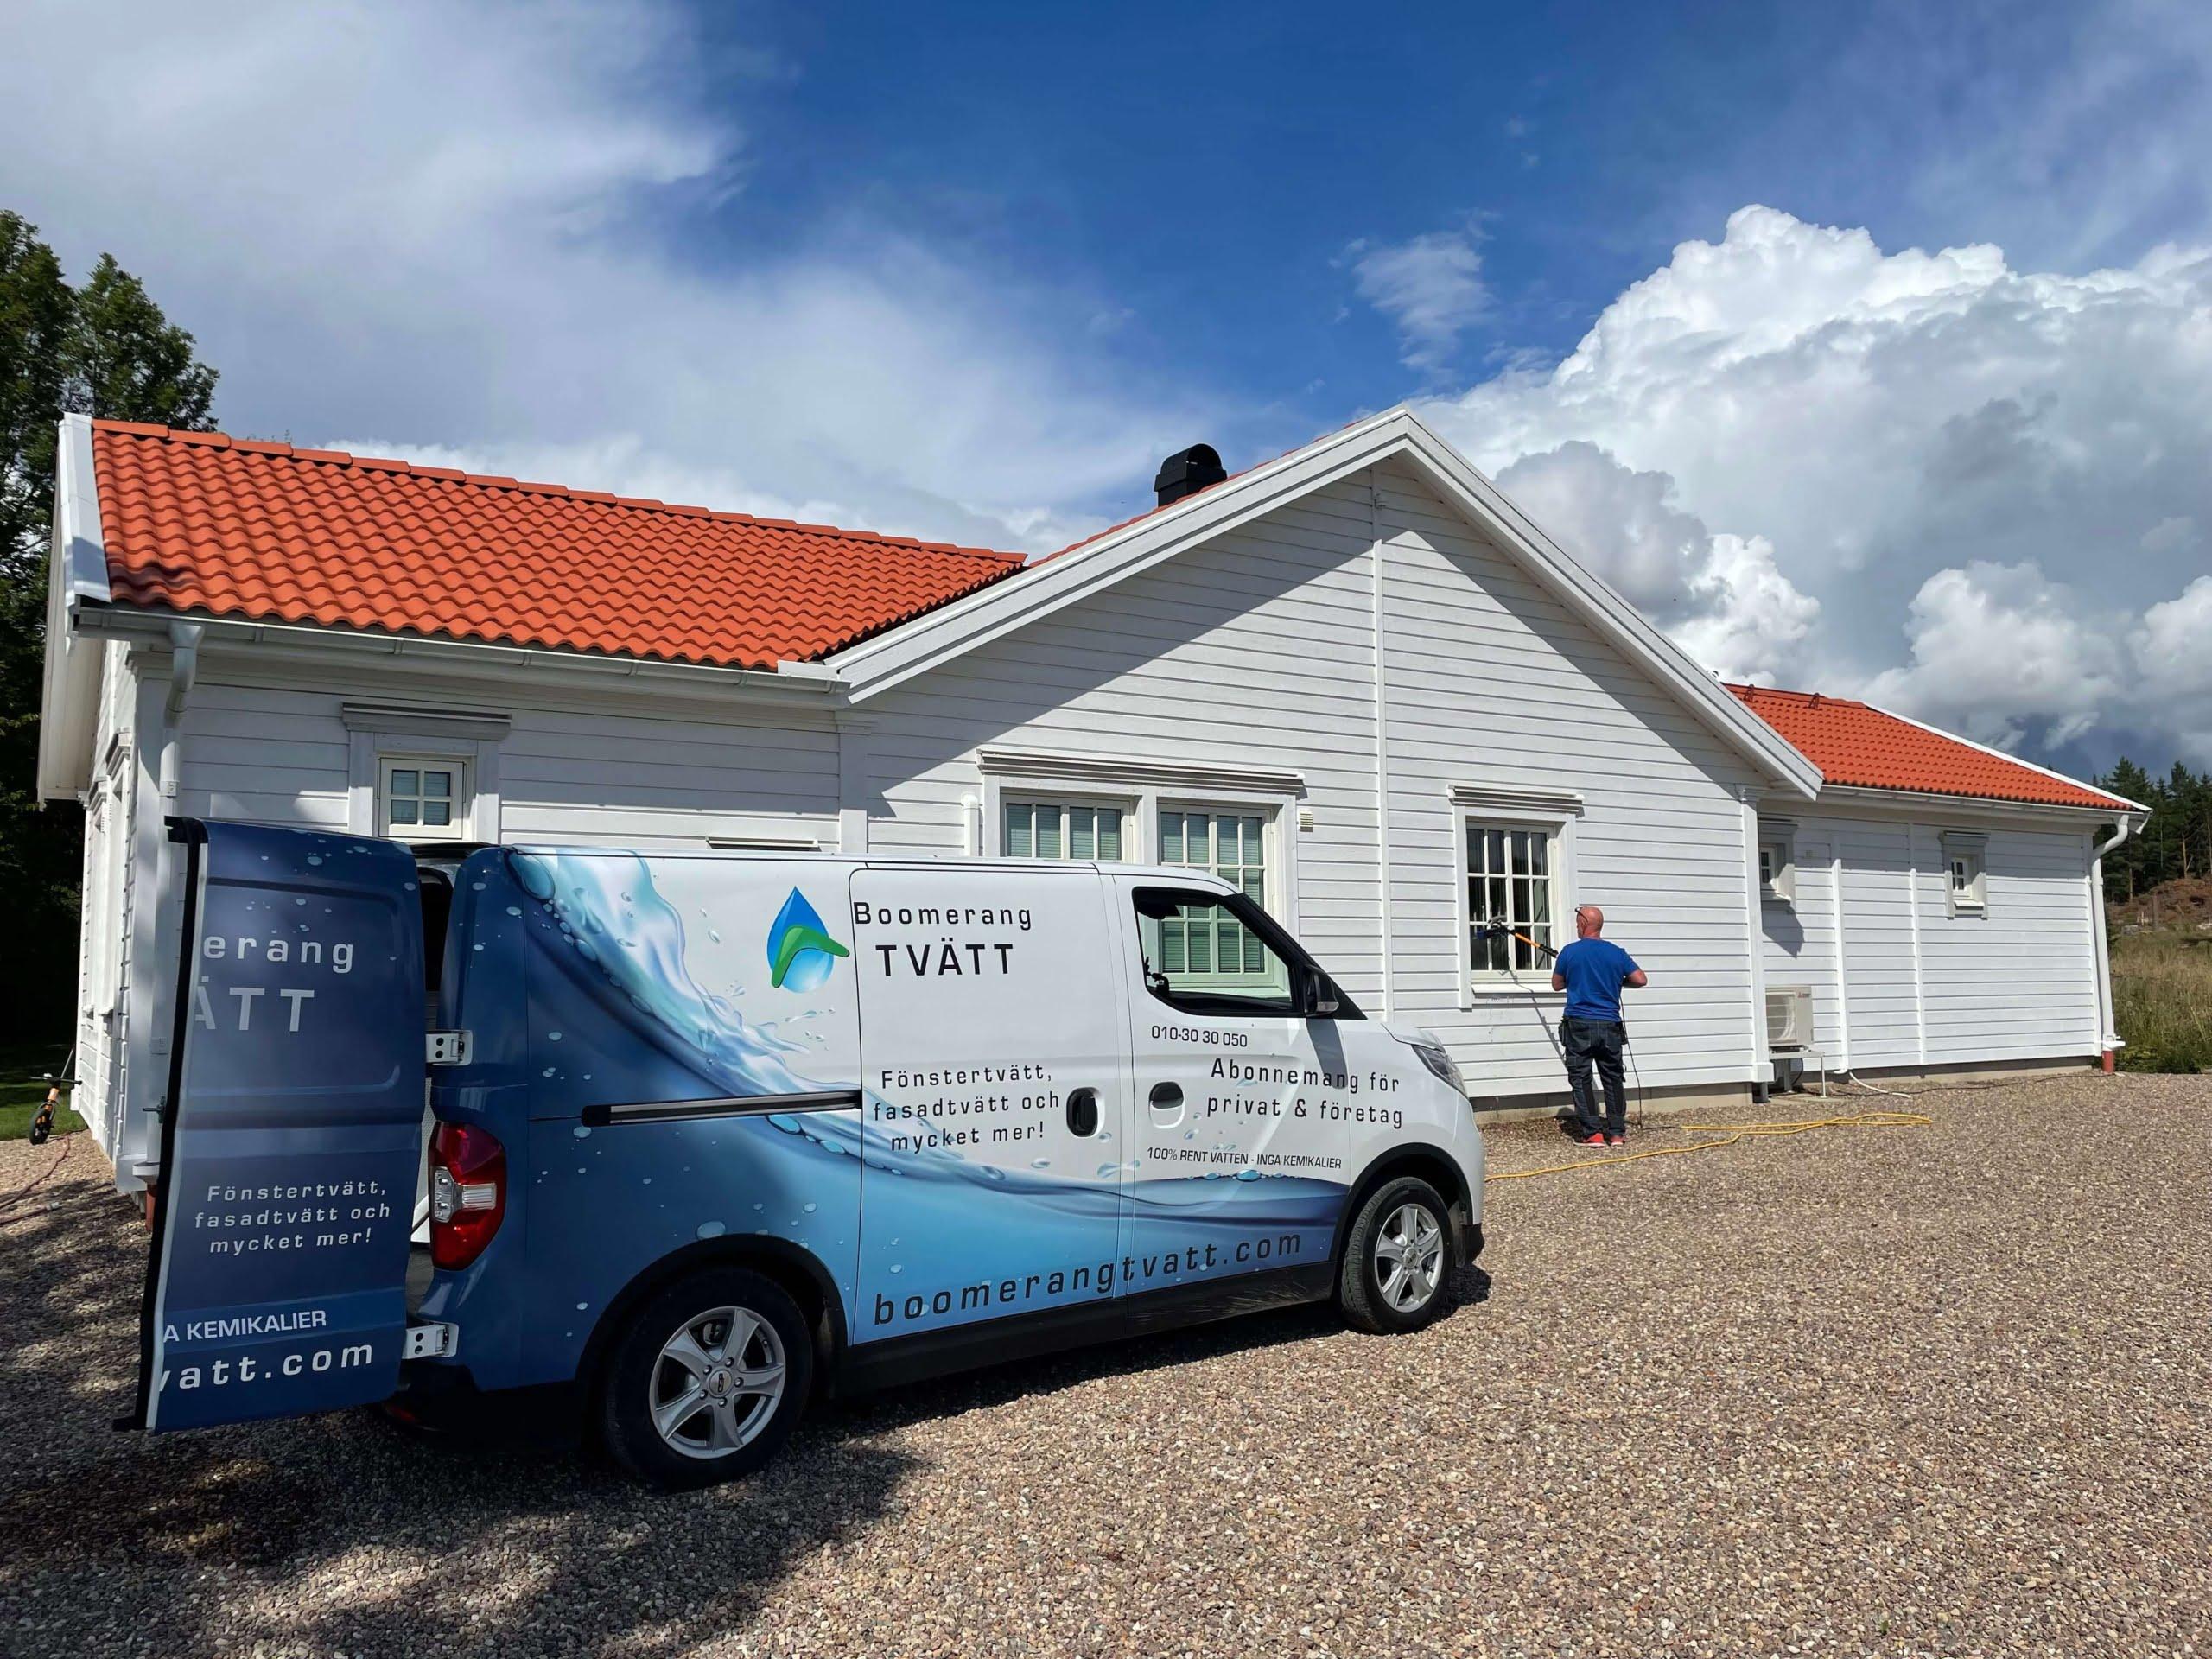 fönstertvätt och företagsbil framför ett vitt vackert hus